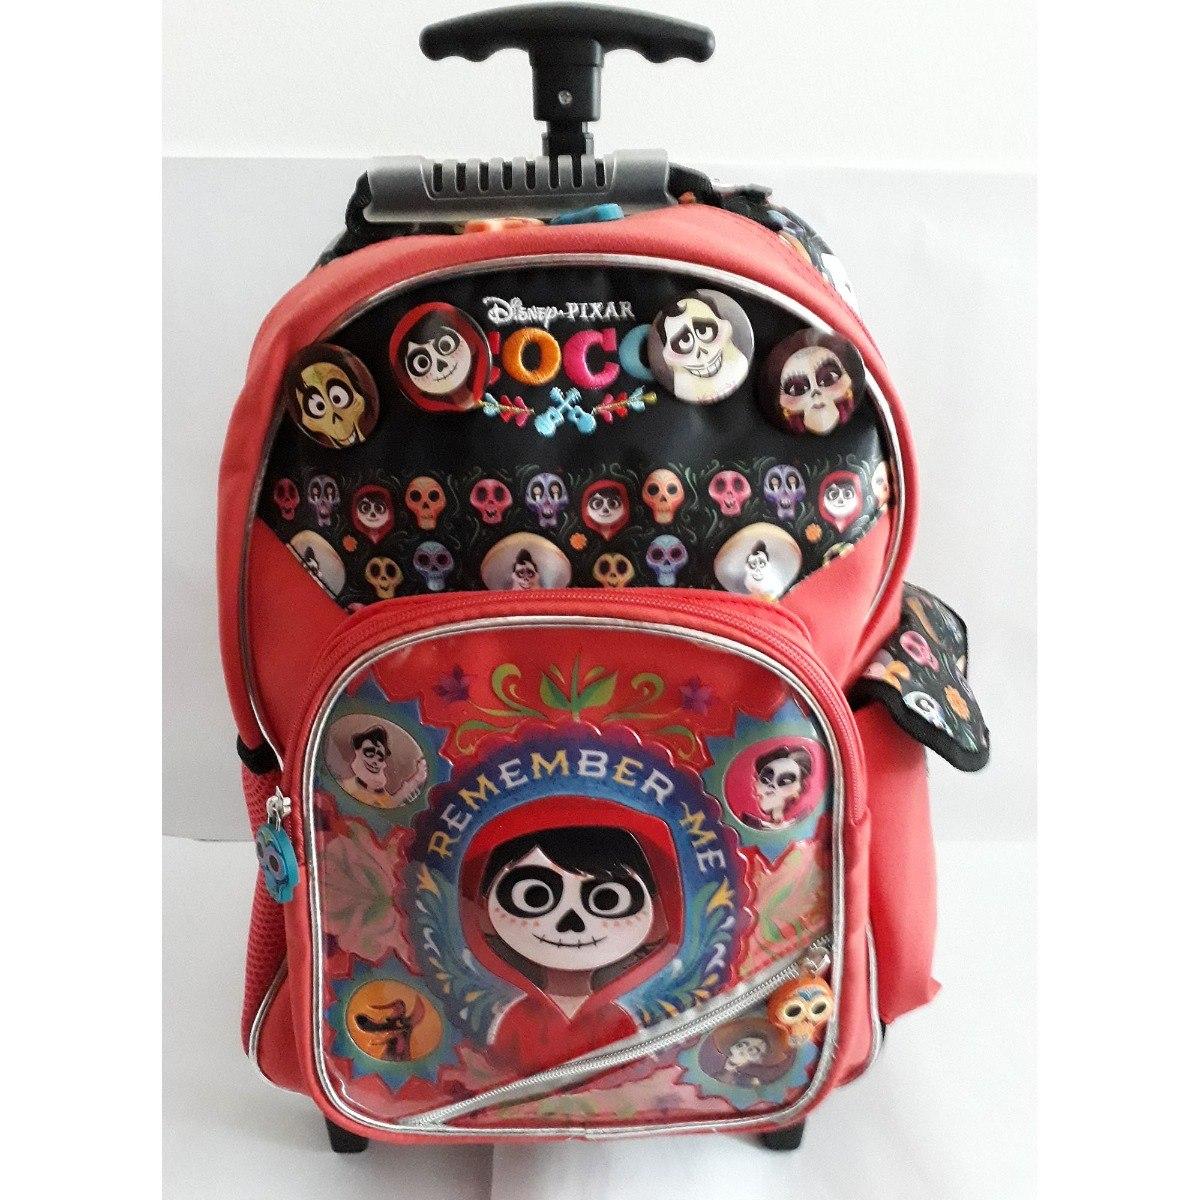 8fab6c952 mochila carrito coco pixar disney 16 pulg. cresko 6 cuotas! Cargando zoom.